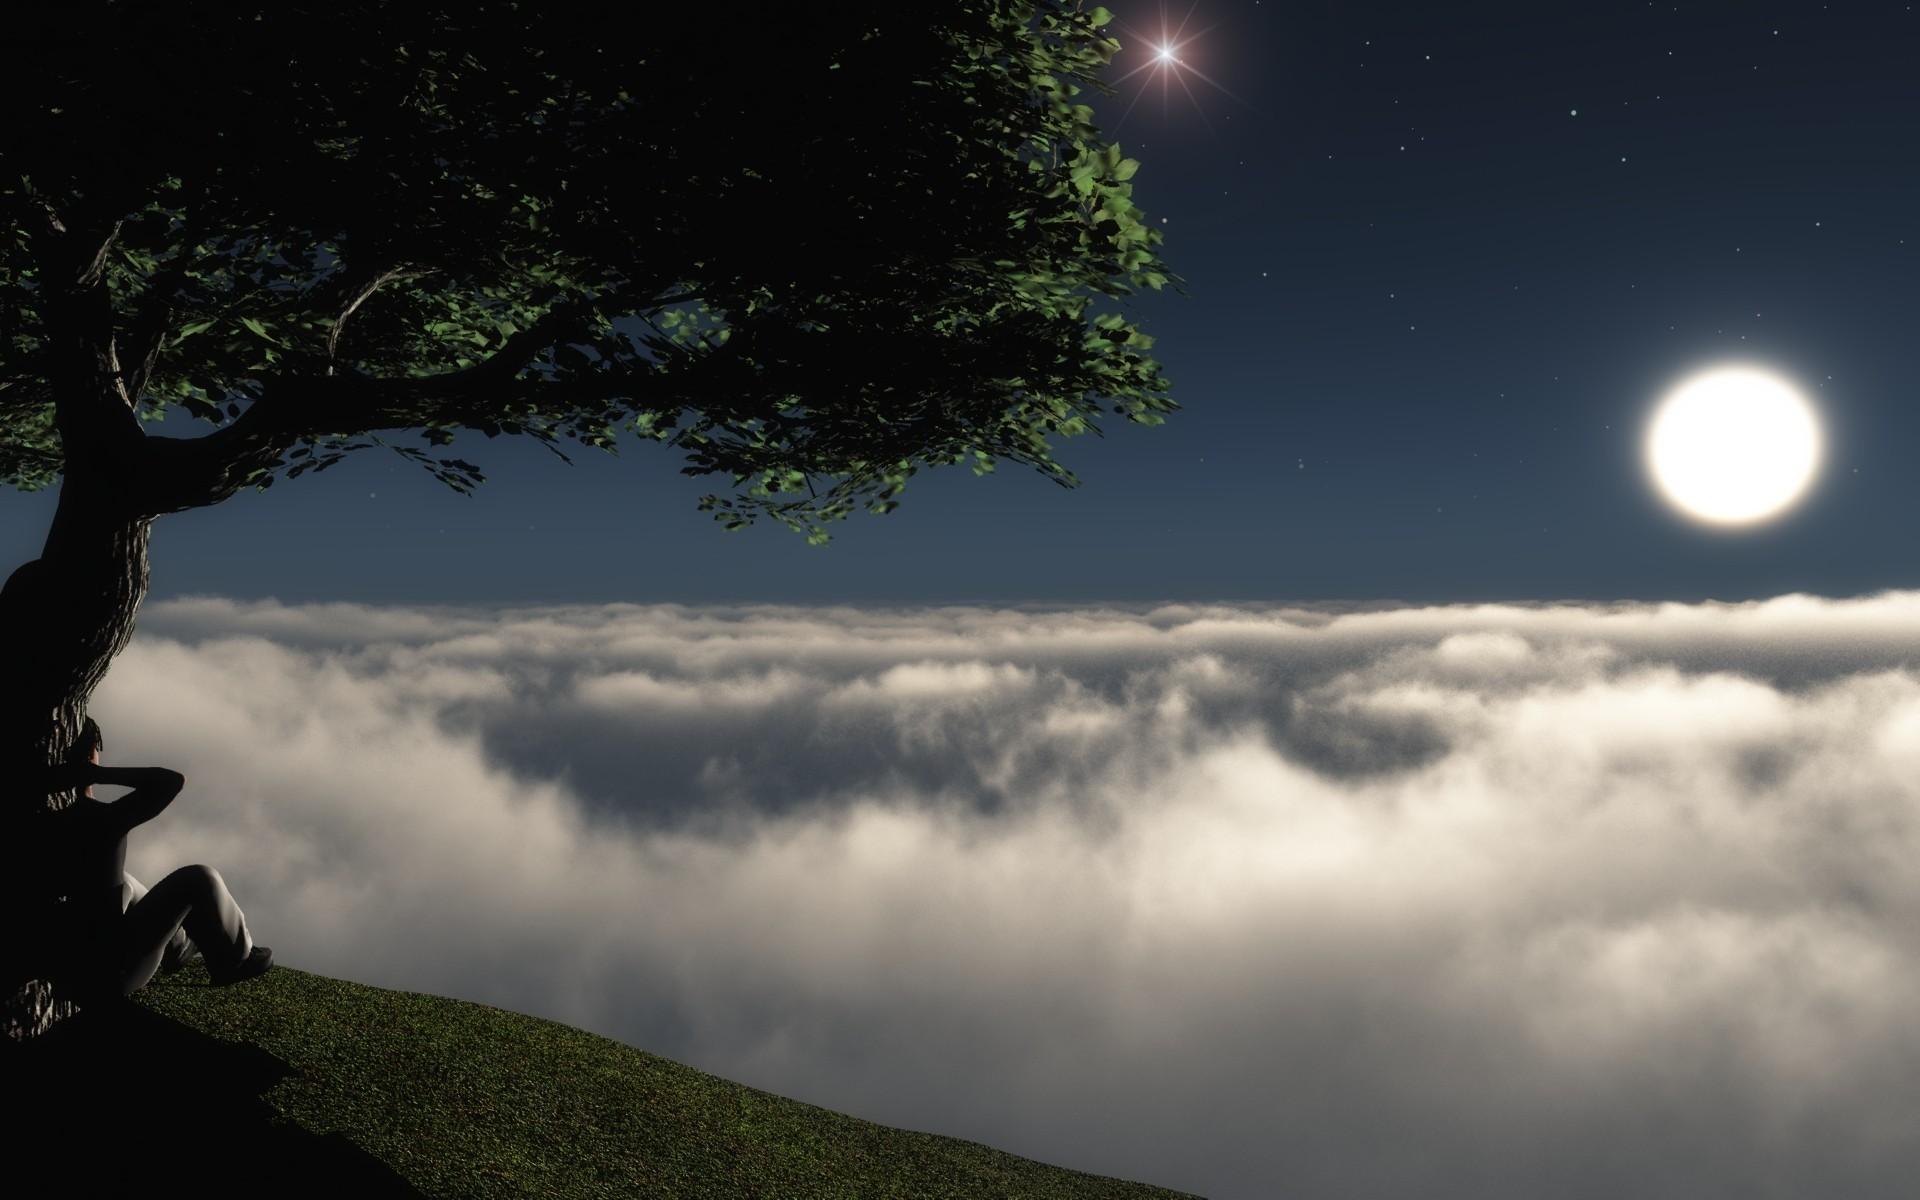 26139 скачать обои Пейзаж, Люди, Деревья, Ночь, Облака - заставки и картинки бесплатно